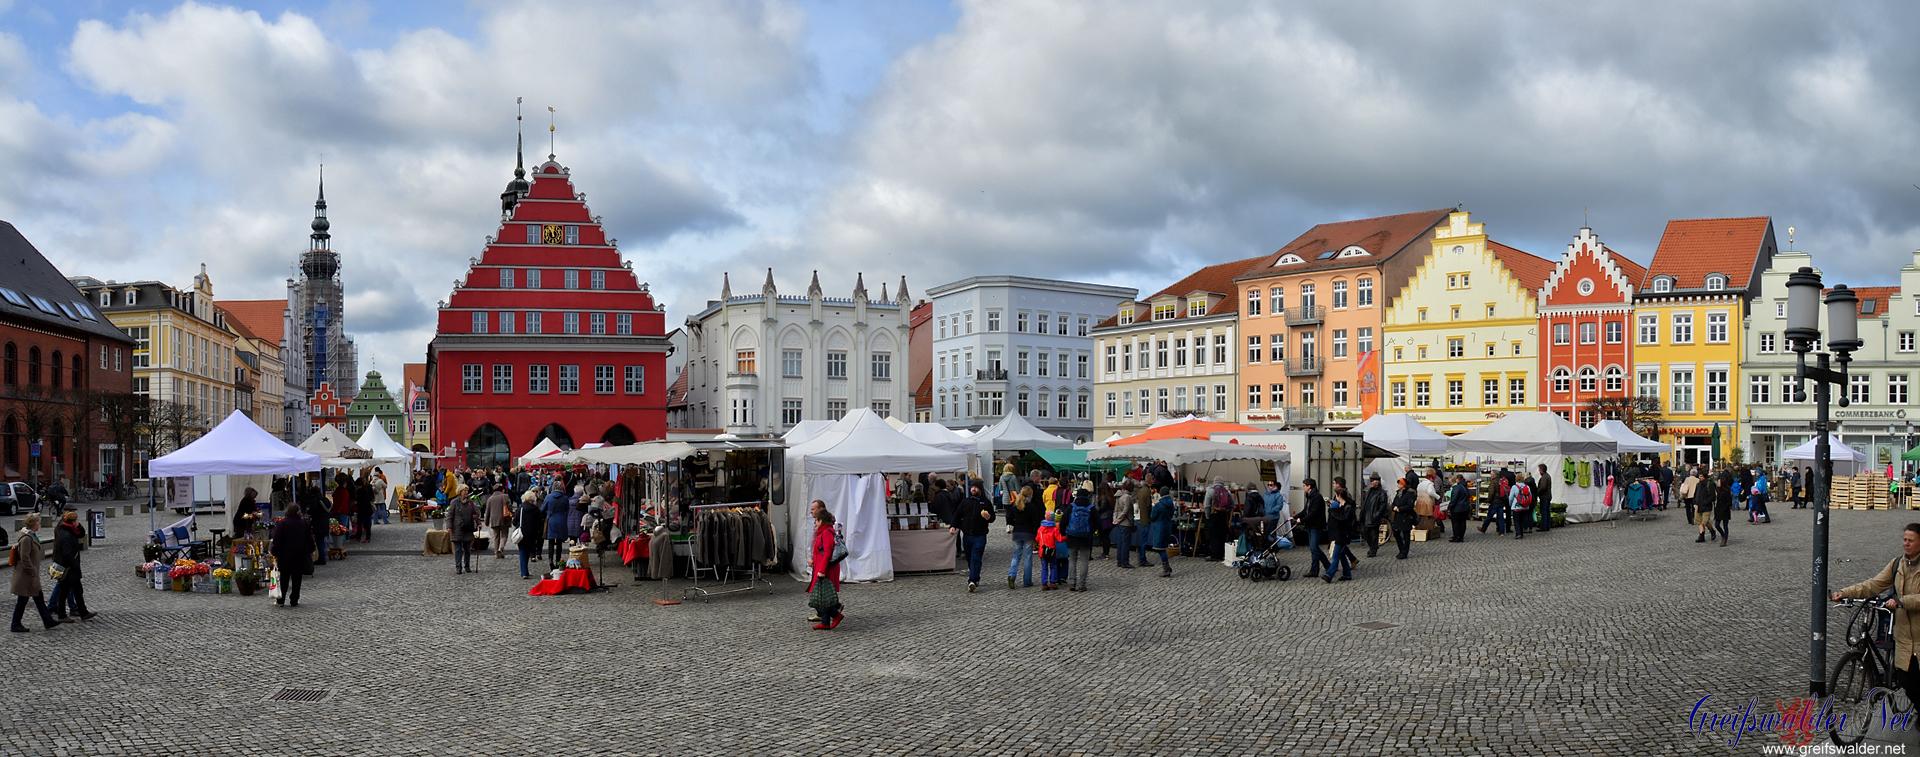 Handgemacht - Kunst- und Handwerkermarkt